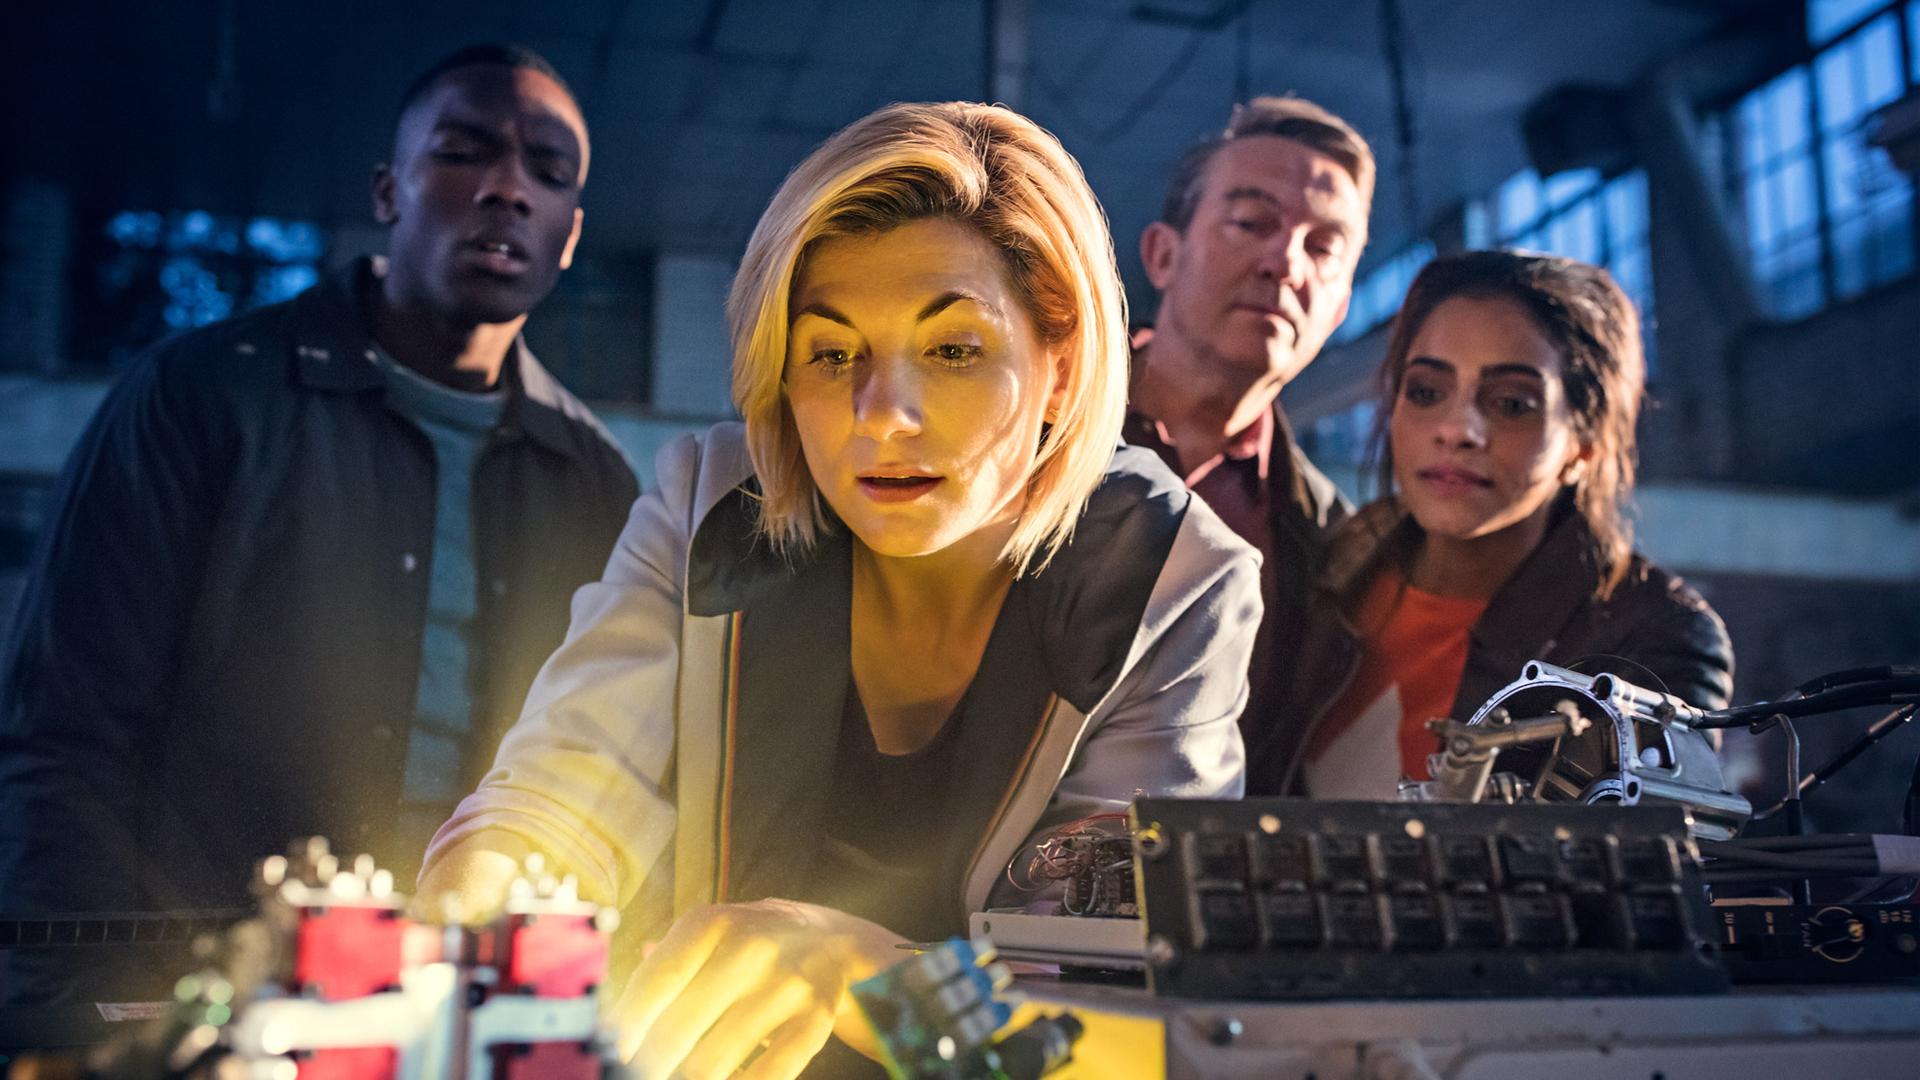 La nouvelle Docteur et ses compagnons